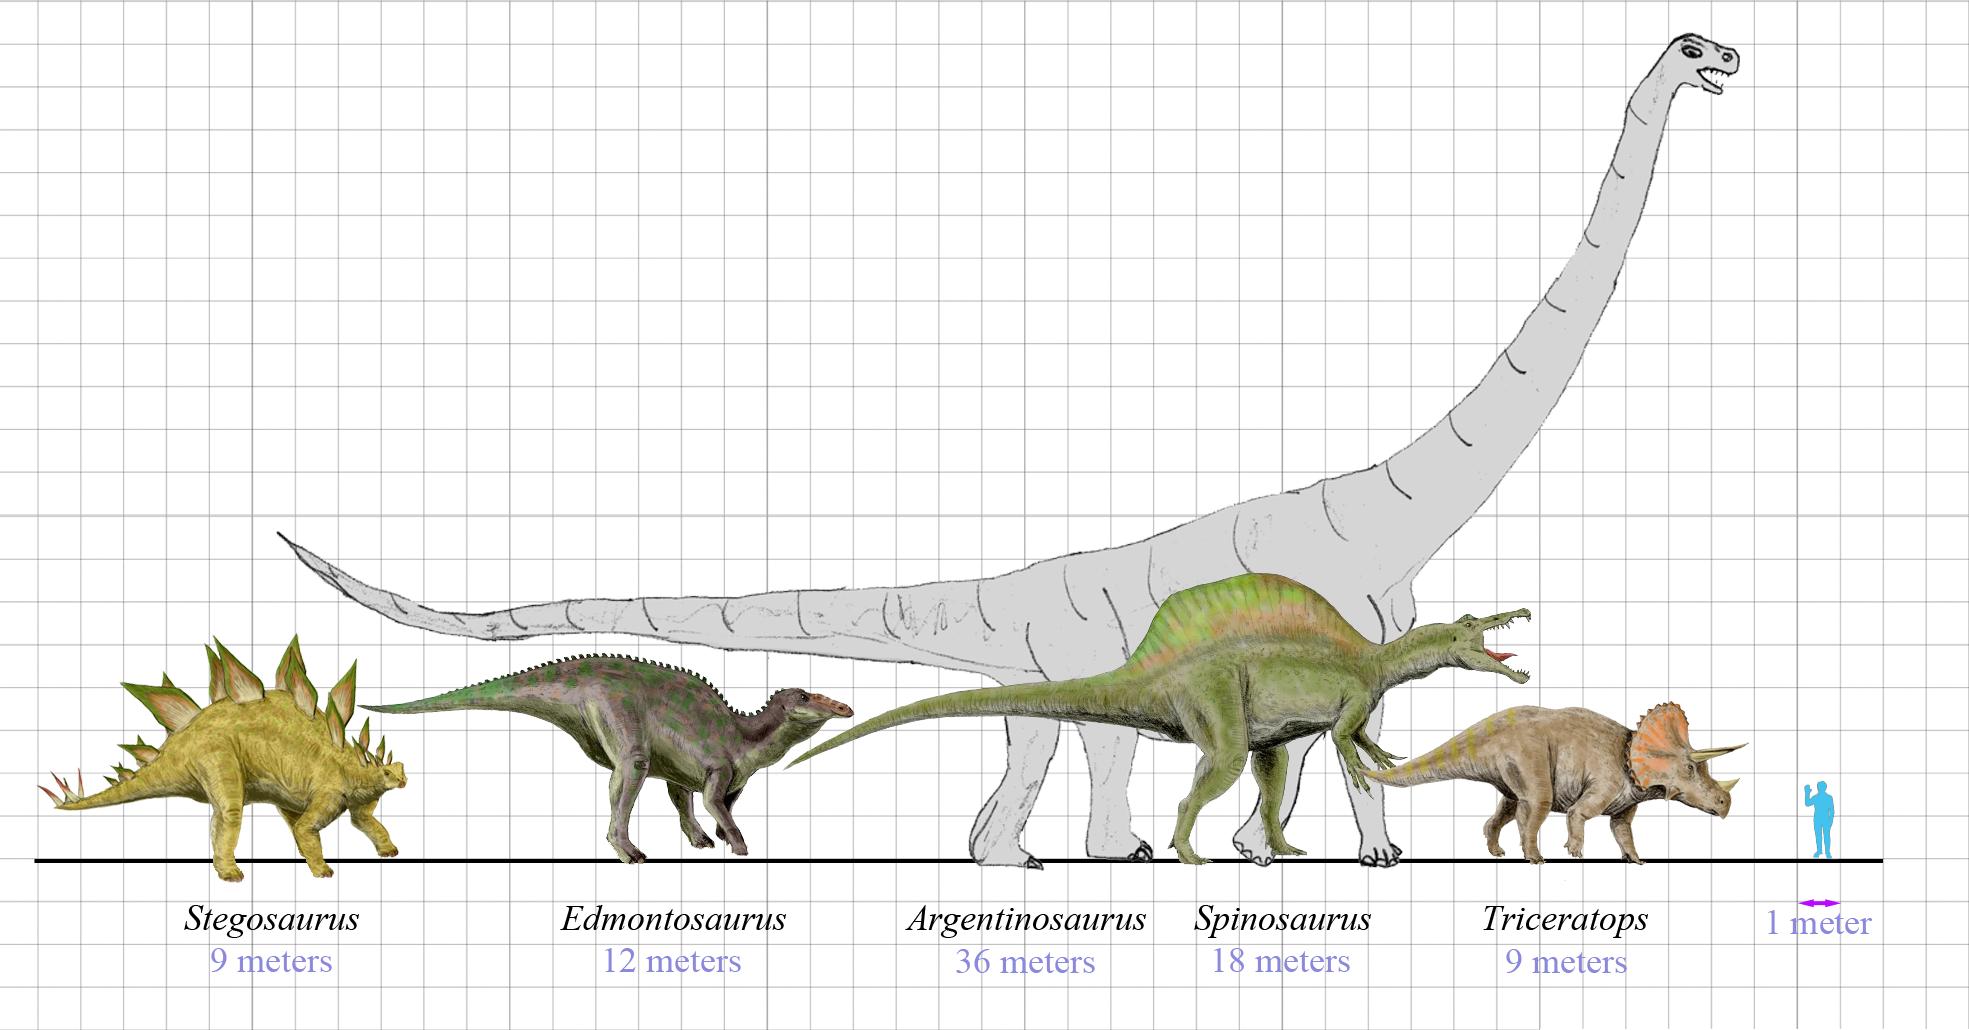 Bekannte Dinosaurier im Größenverhältnis zum Menschen